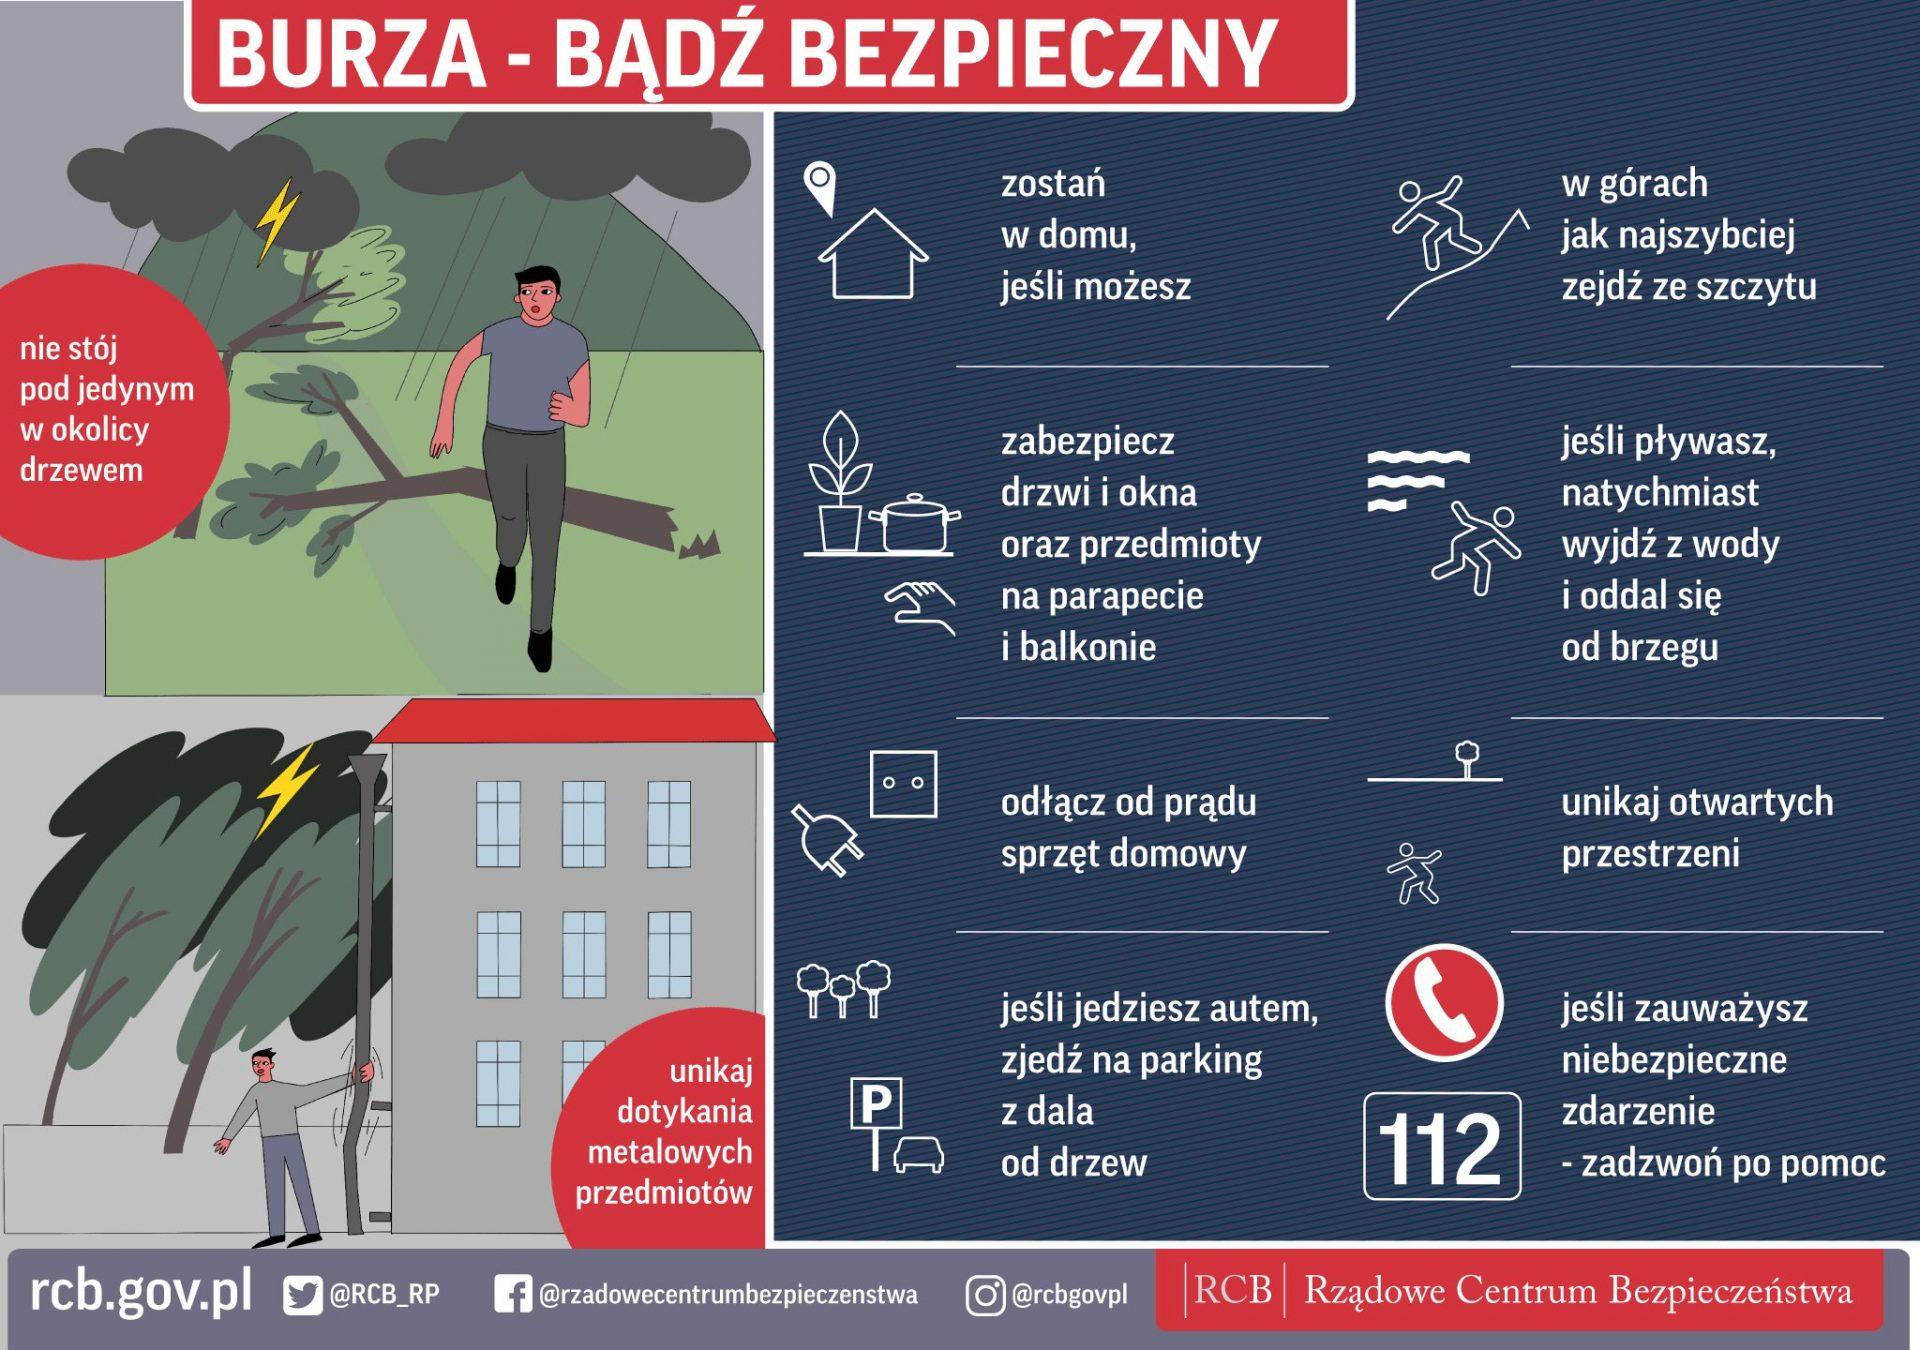 Bądź bezpieczy w czasie burzy - opis na infografice znajduje się poniżej.